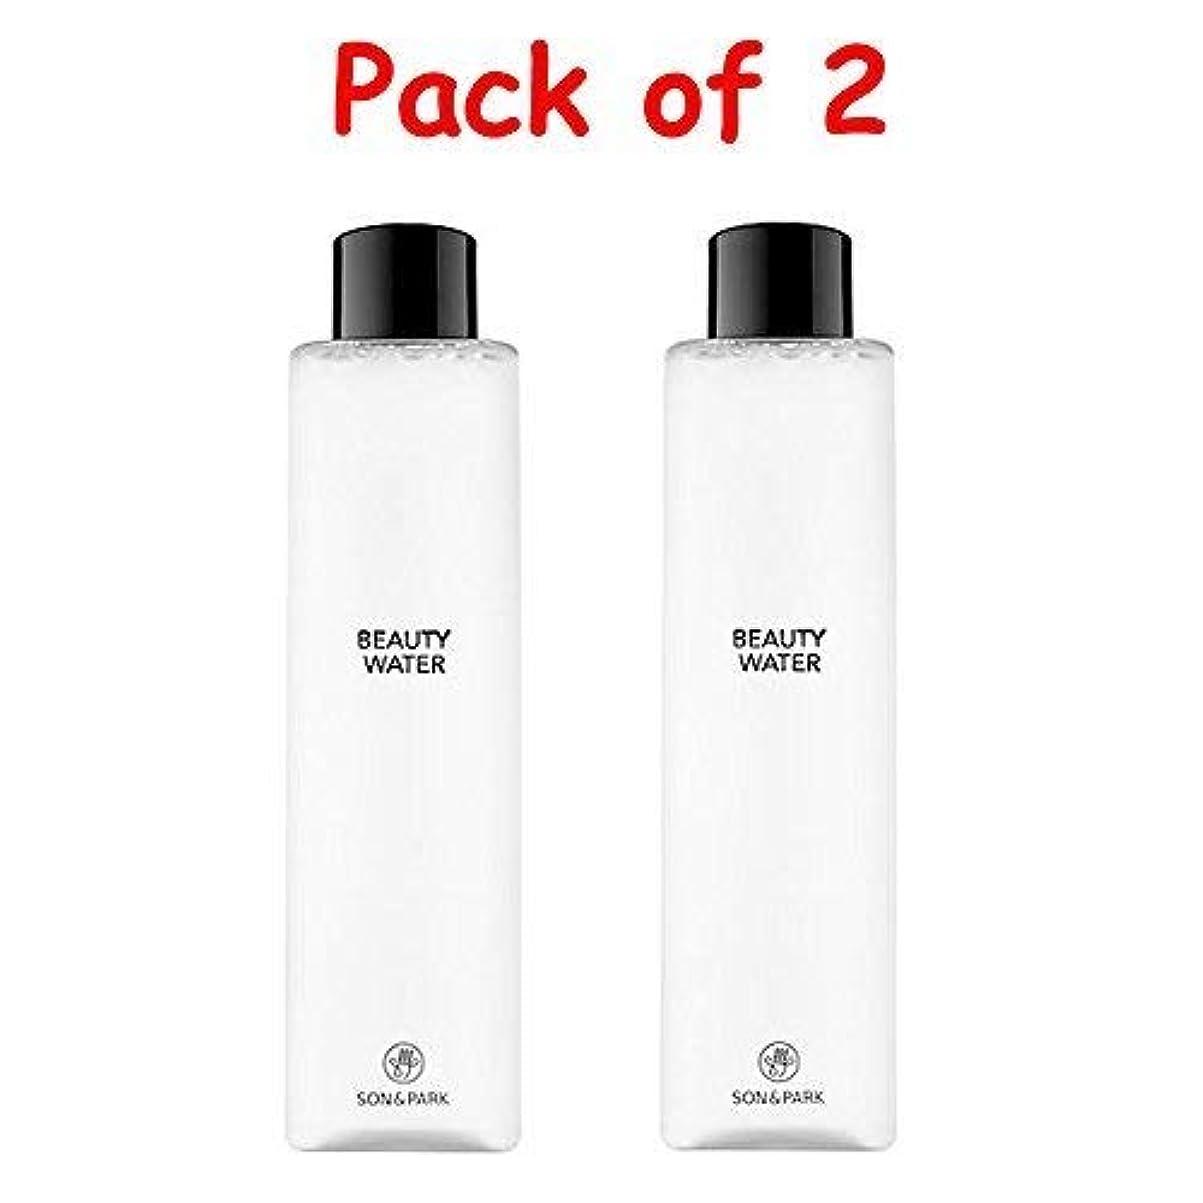 ベアリングチョコレート遅らせる★1+1 Sale★[SON & PARK]Beauty Water 340ml (Pack of 2) /[ソン & パク] ビューティー ウォーター 340ml (1+1)